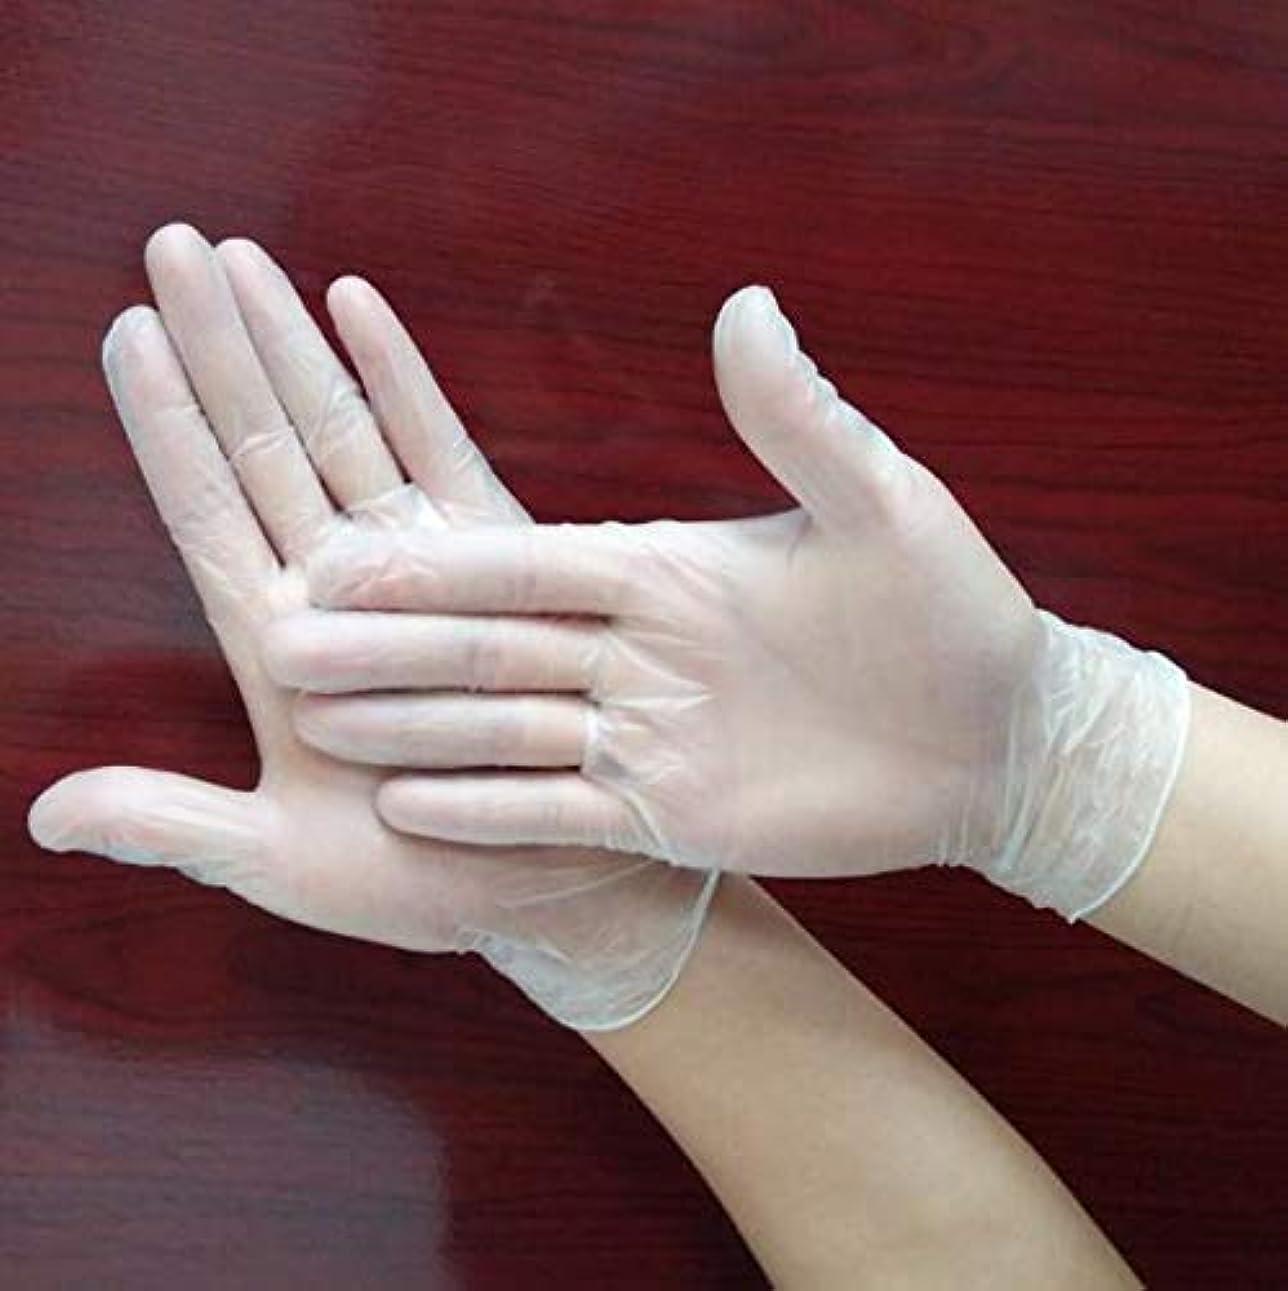 家禽同種のケージハッピー 使い捨てPVC手袋 ベルテプラテ 使い捨て手袋 PVCグローブ 粉なし パウダーフリー 左右兼用 (M)